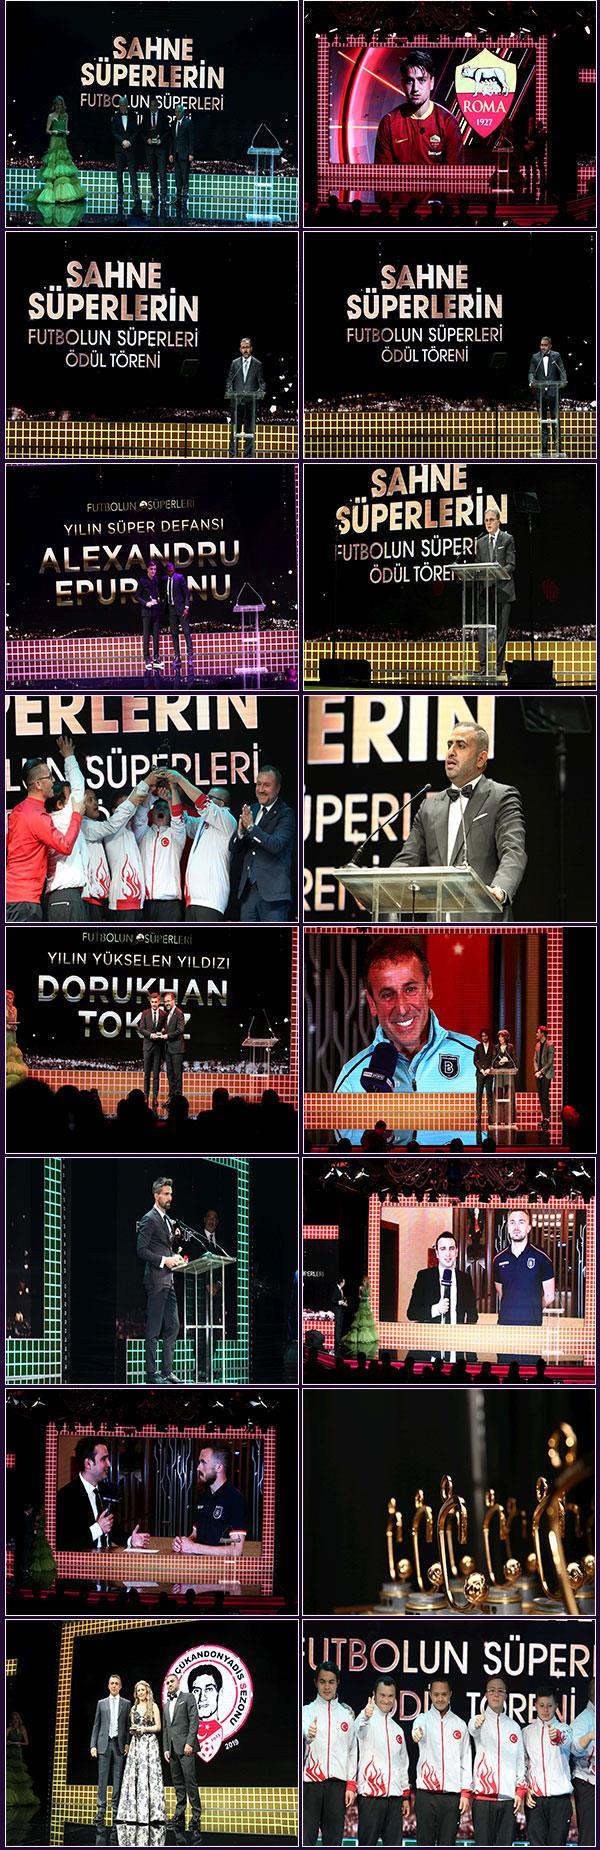 105 ülkede yayınlanan Süper Lig'in yeni süperstarları Futbolun Süperleri gecesinde ödüllendirildi